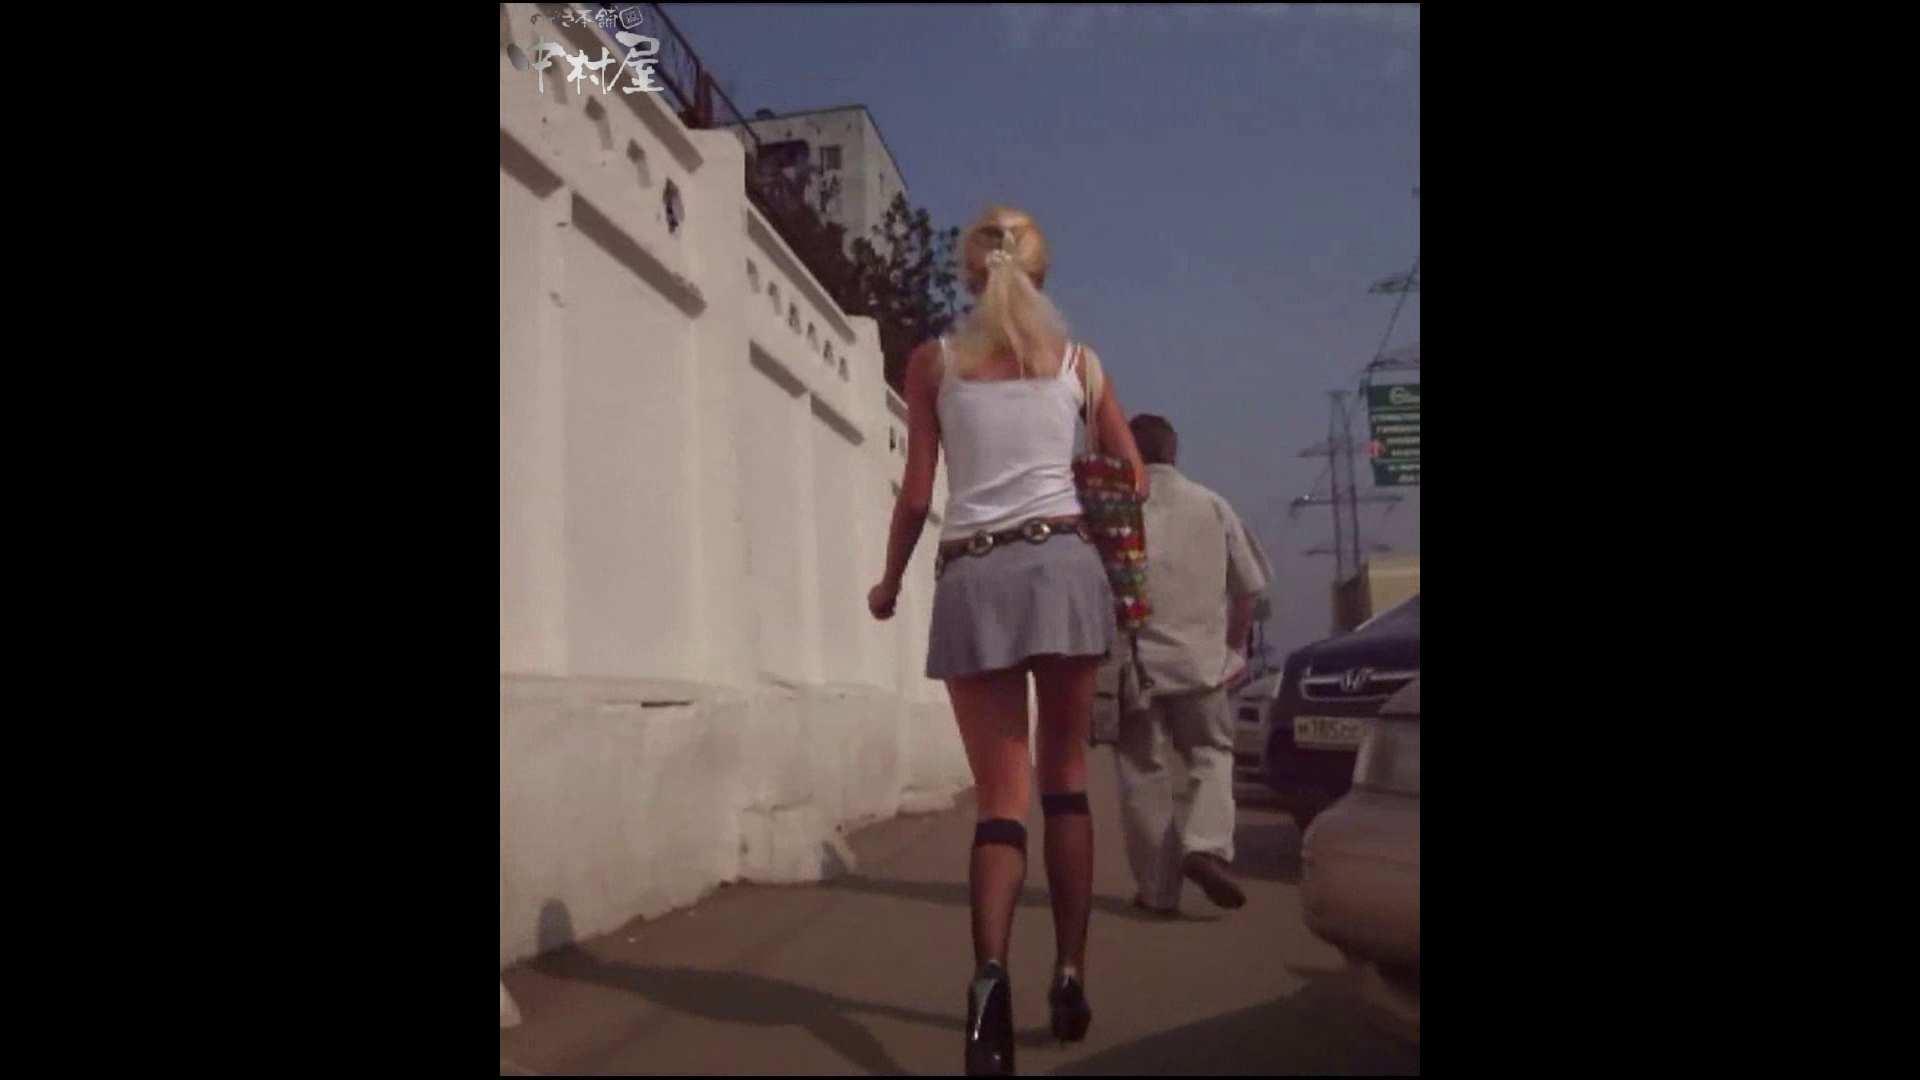 綺麗なモデルさんのスカート捲っちゃおう‼ vol25 Hなお姉さん | モデルヌード  87pic 48